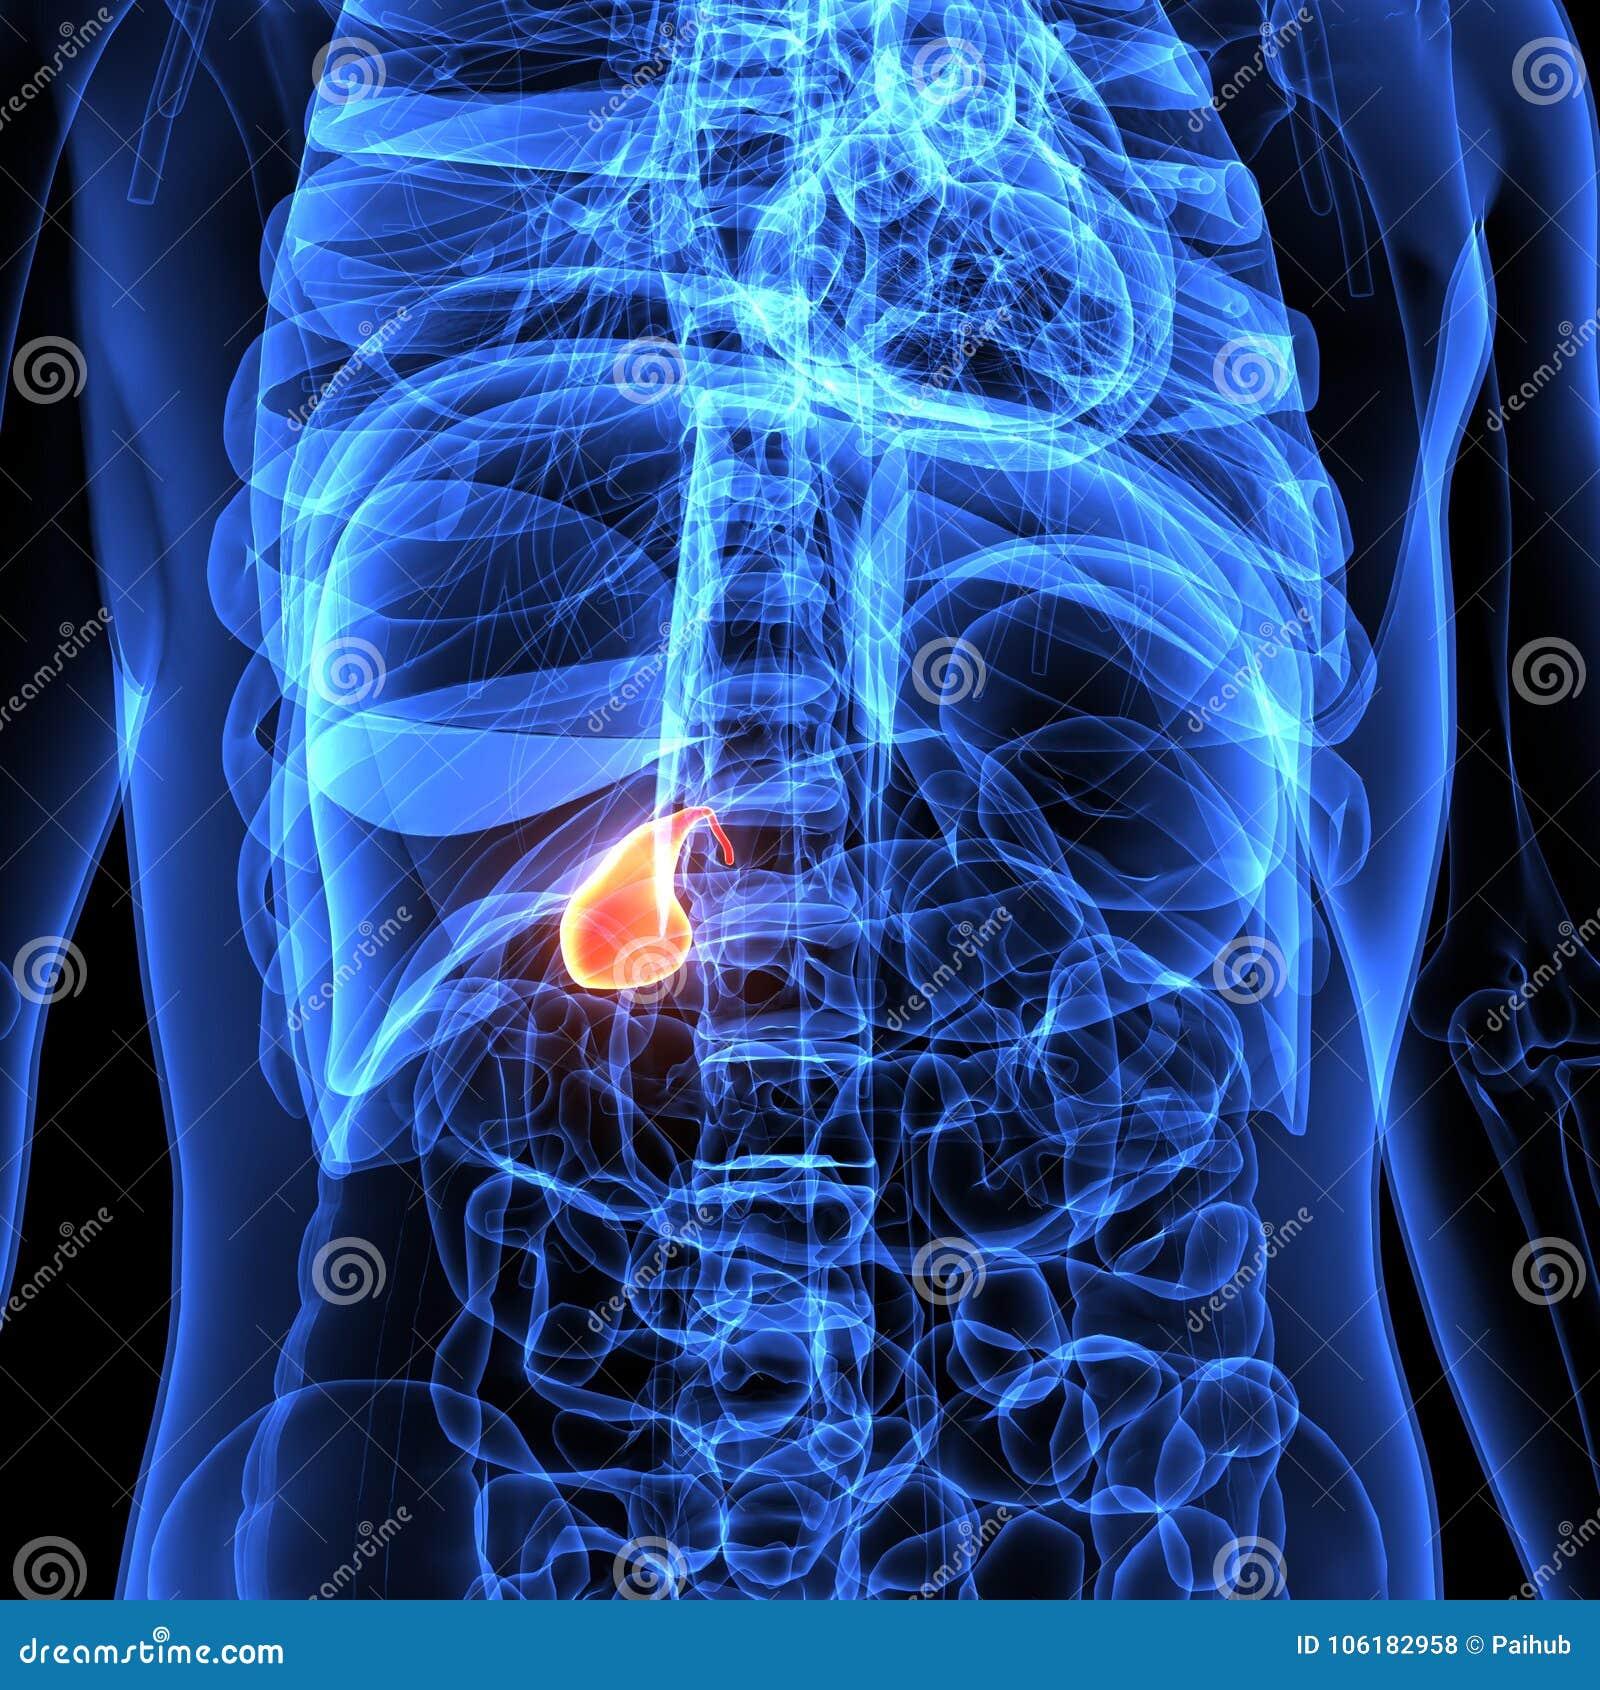 Vistoso Vesícula Biliar Anatomía Humana Patrón - Imágenes de ...